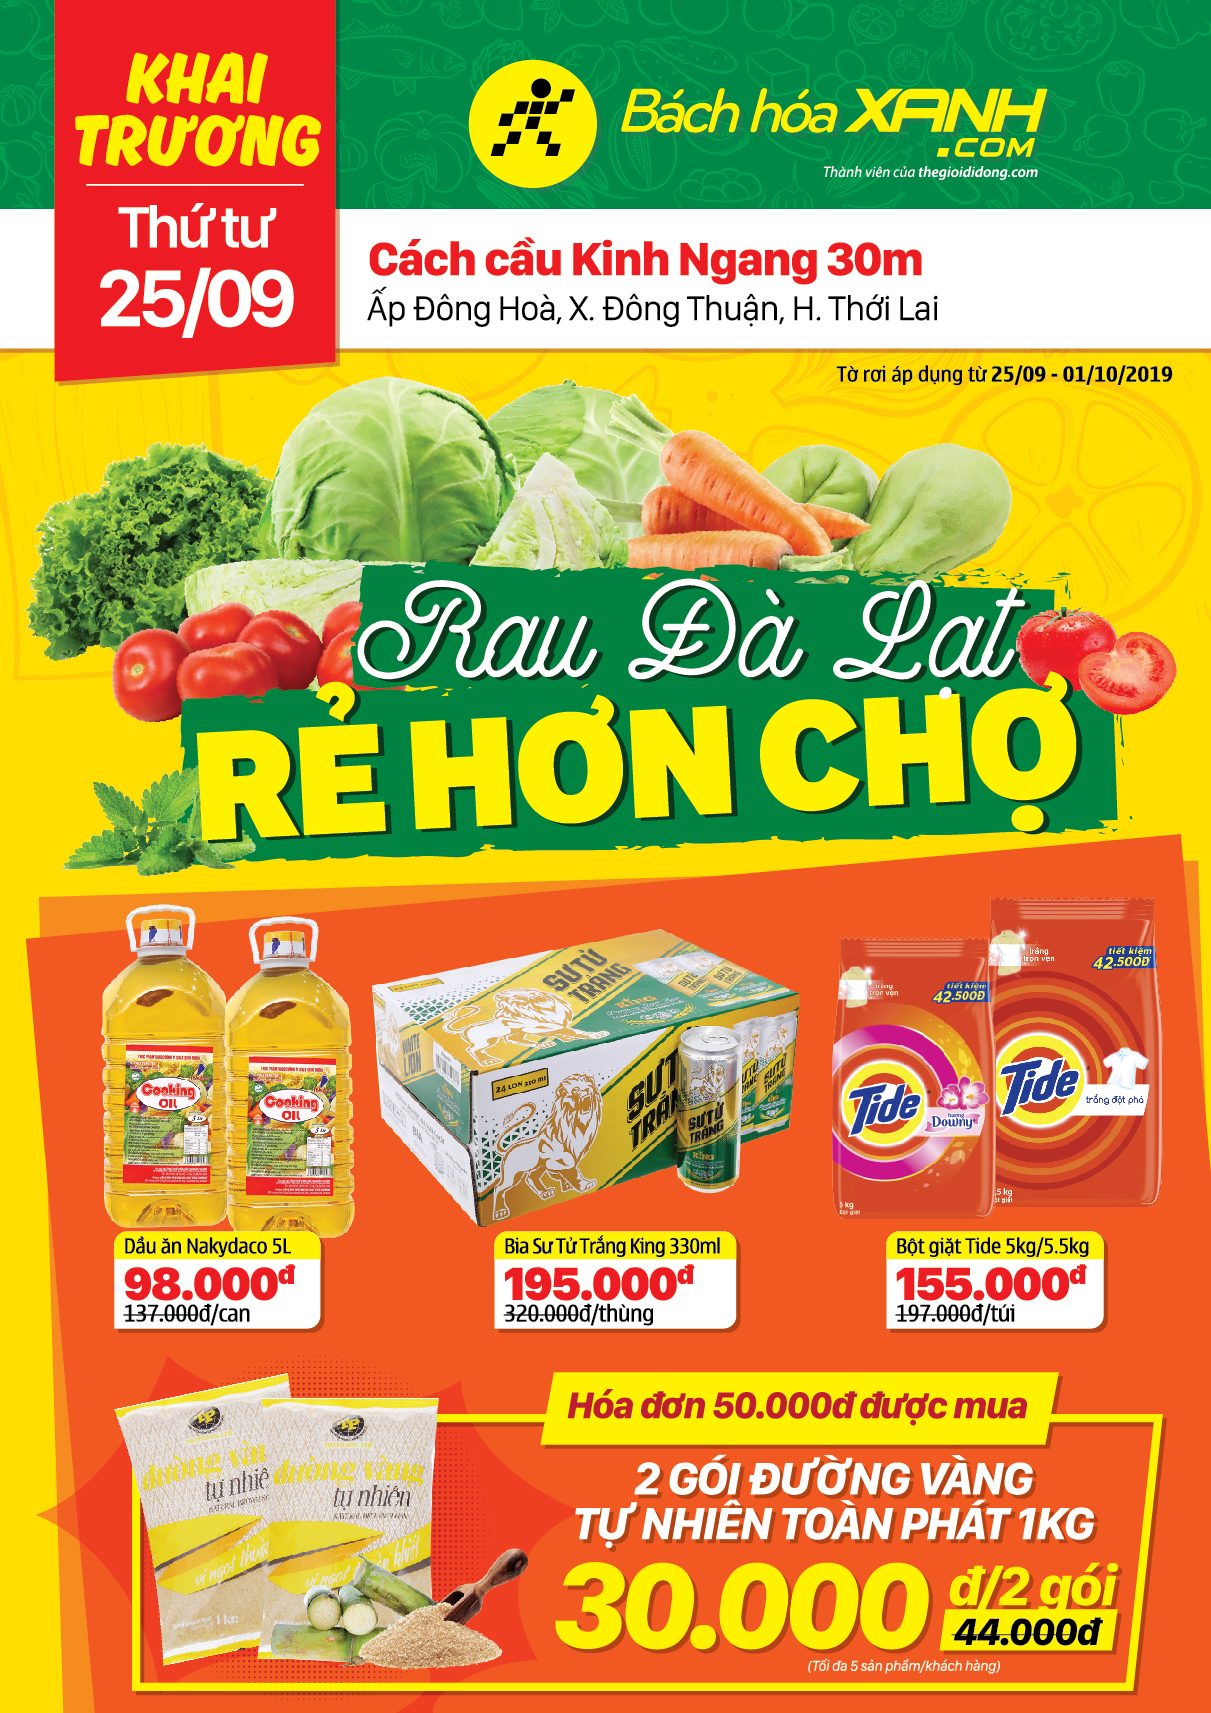 Cửa hàng Bách hoá XANH Ấp Đông Hòa, Đông Thuận khai trương 25/9/2019